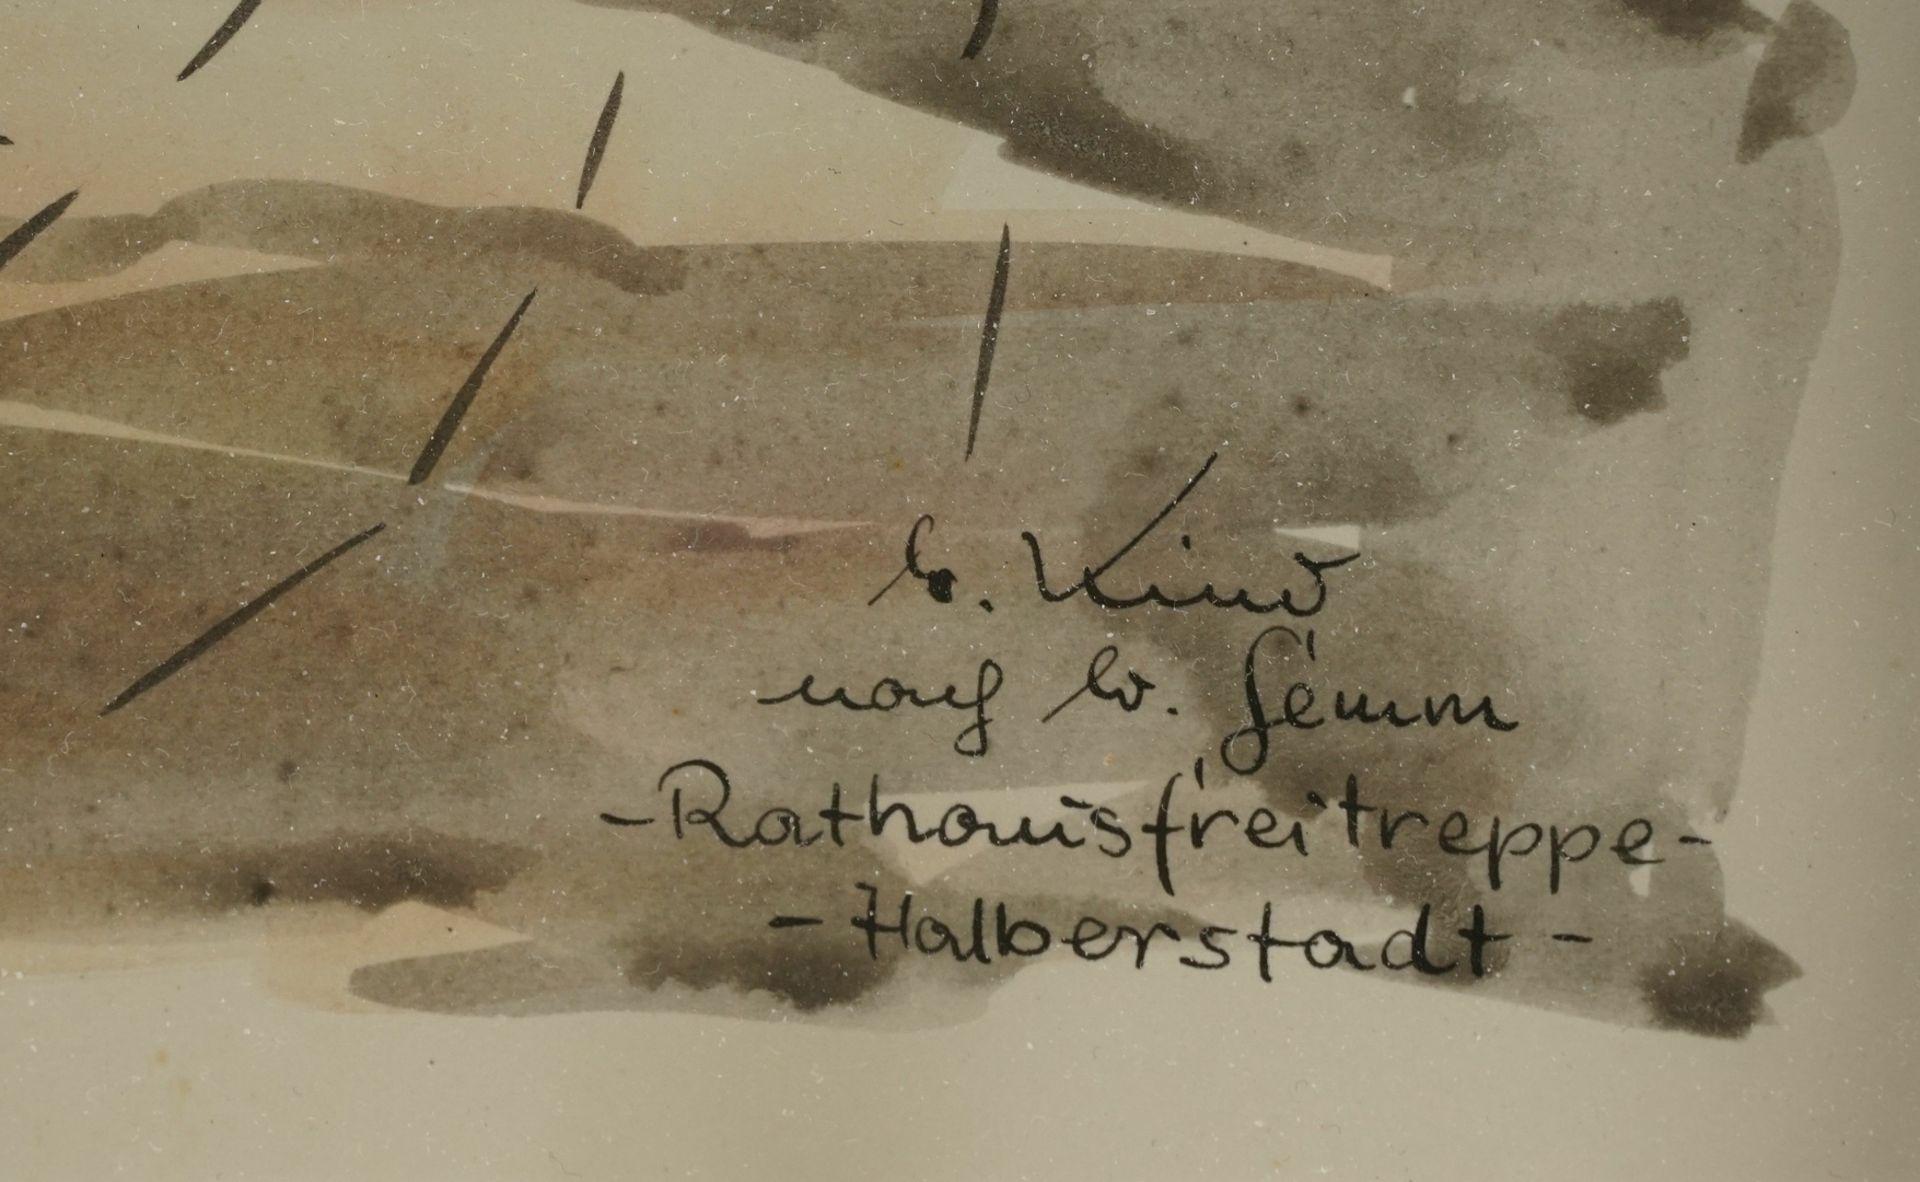 """M. oder G. Kind, """"Rathausfreitreppe - Halberstadt"""" (nach W. Gemm) - Bild 4 aus 4"""